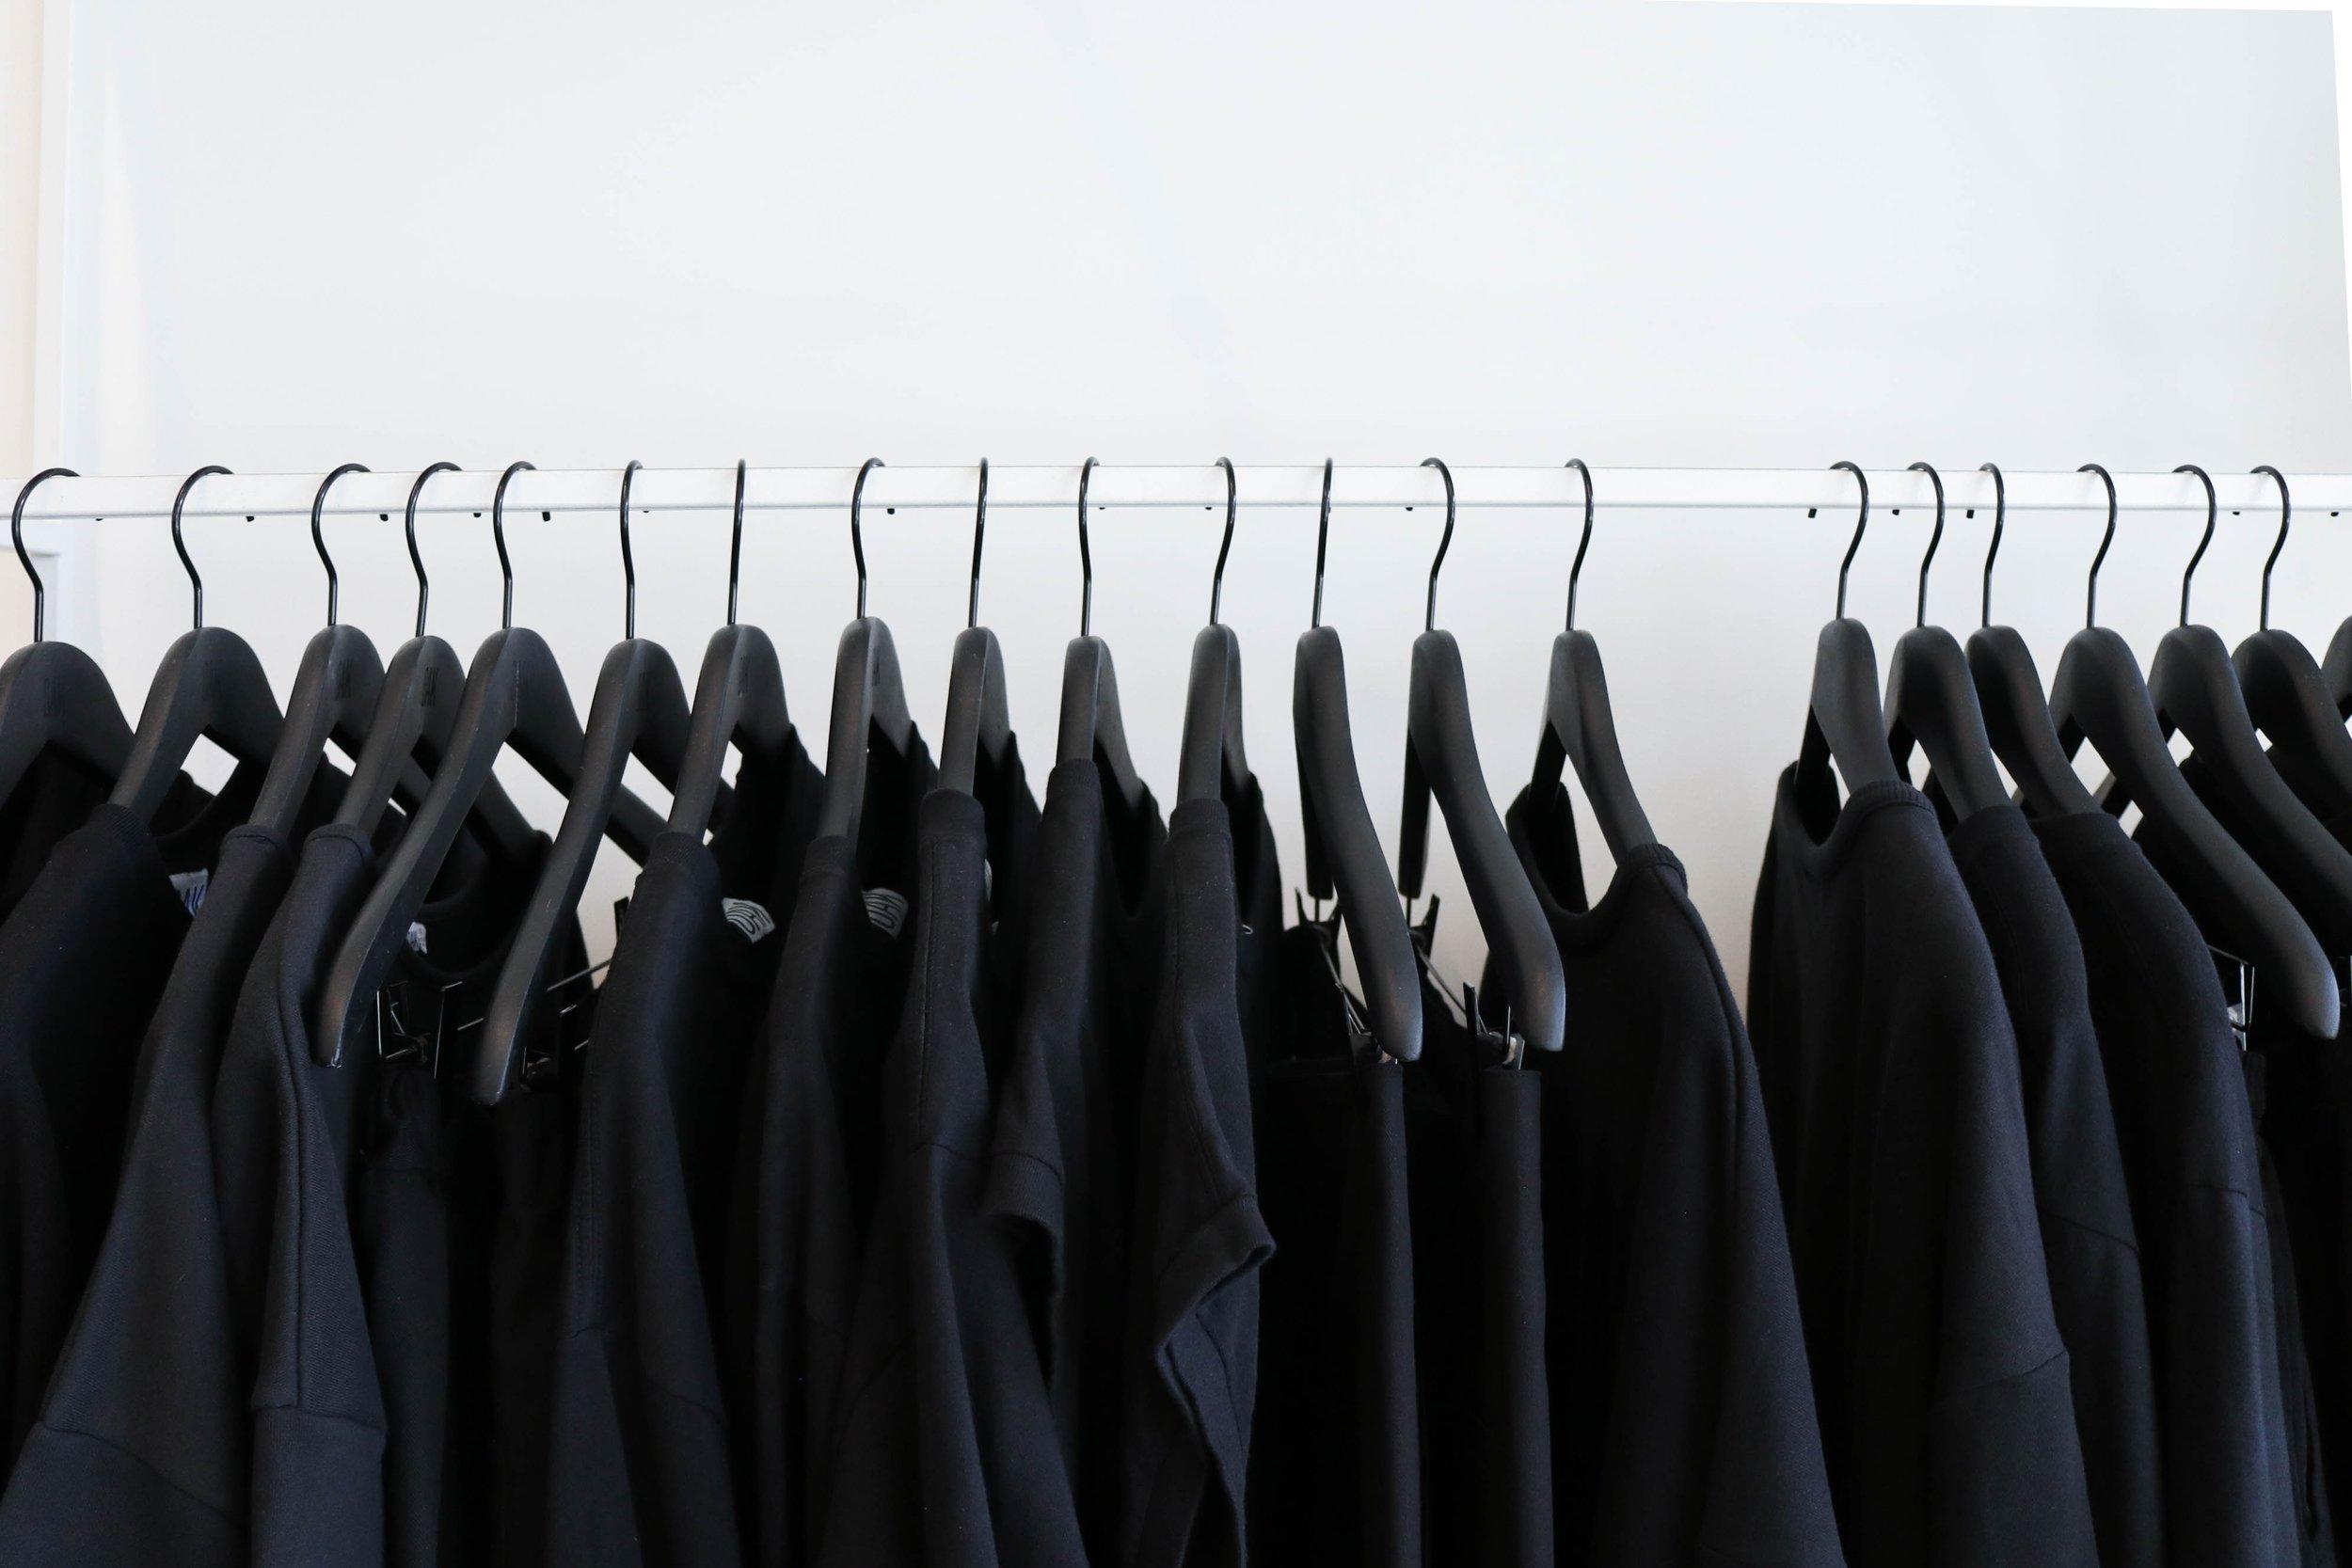 We take this clothing waste -